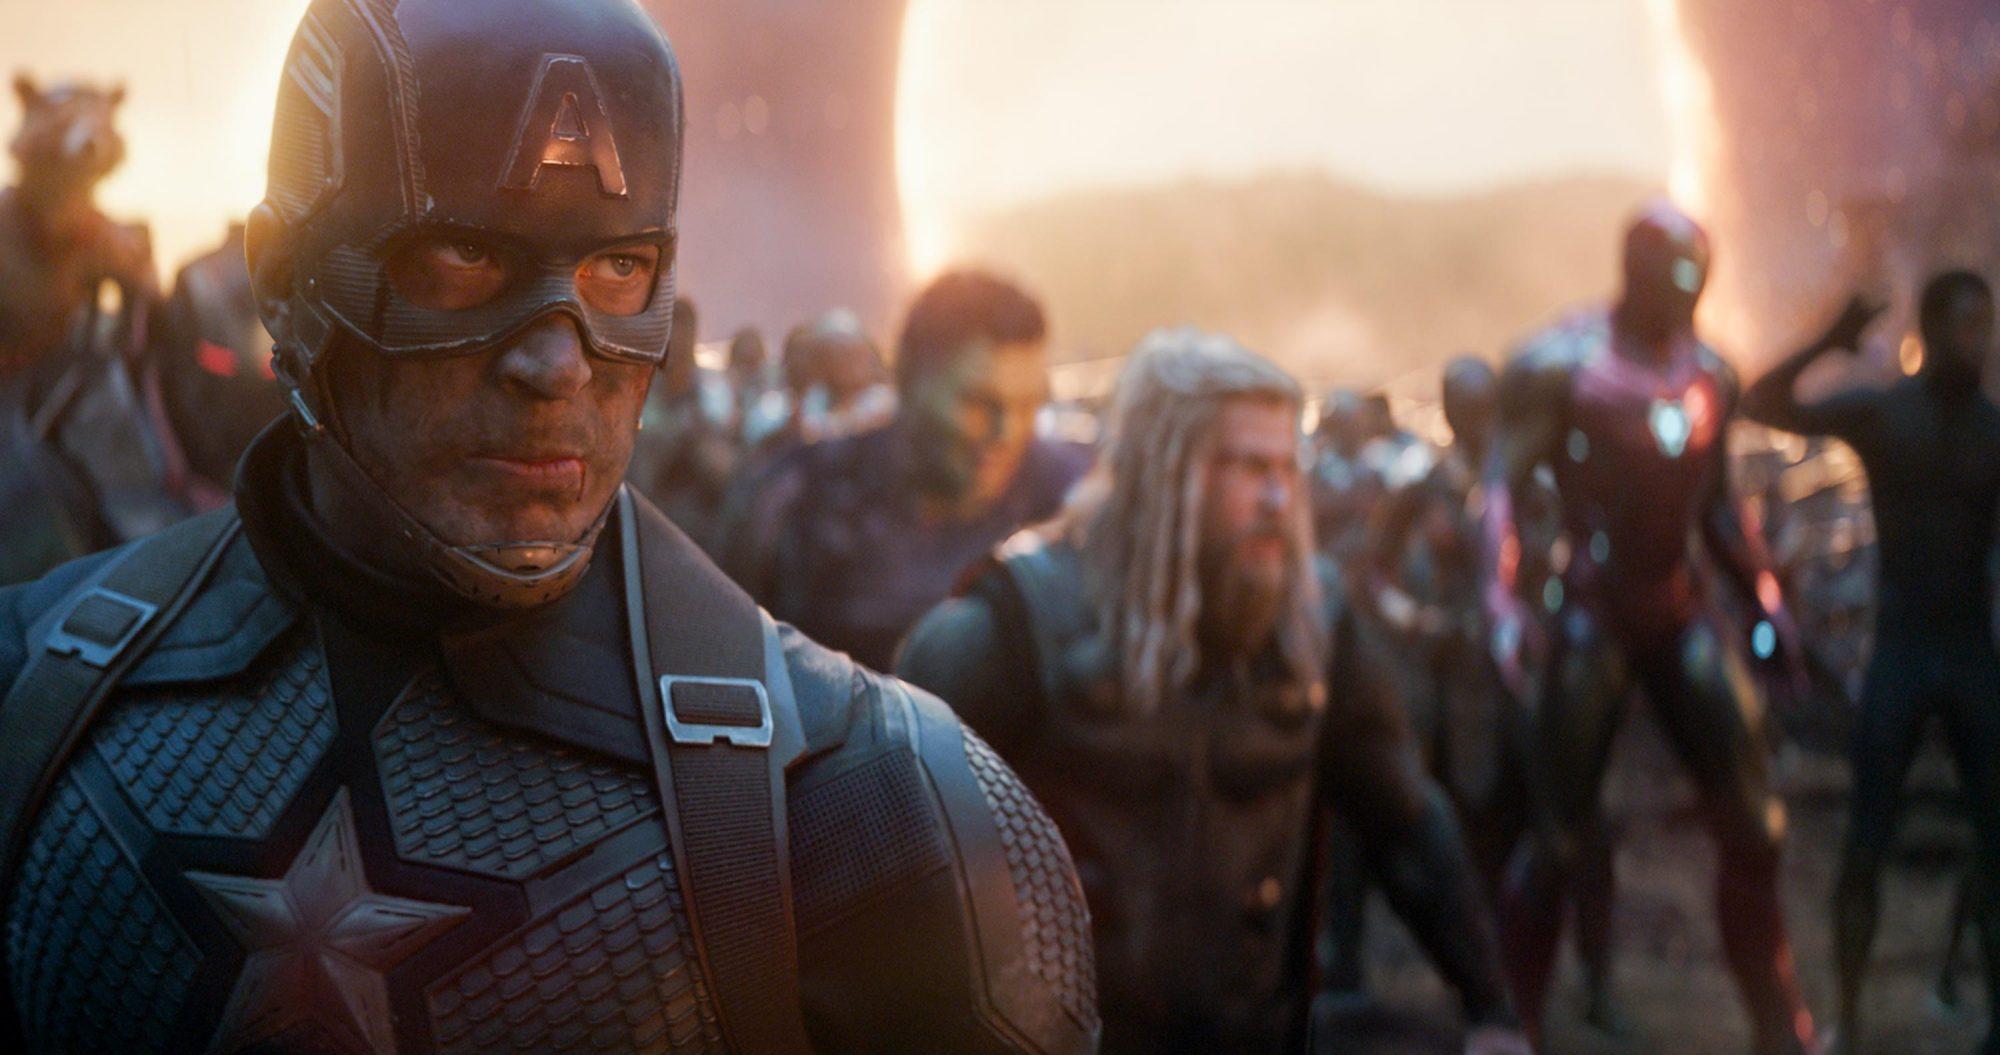 46. Avengers Endgame